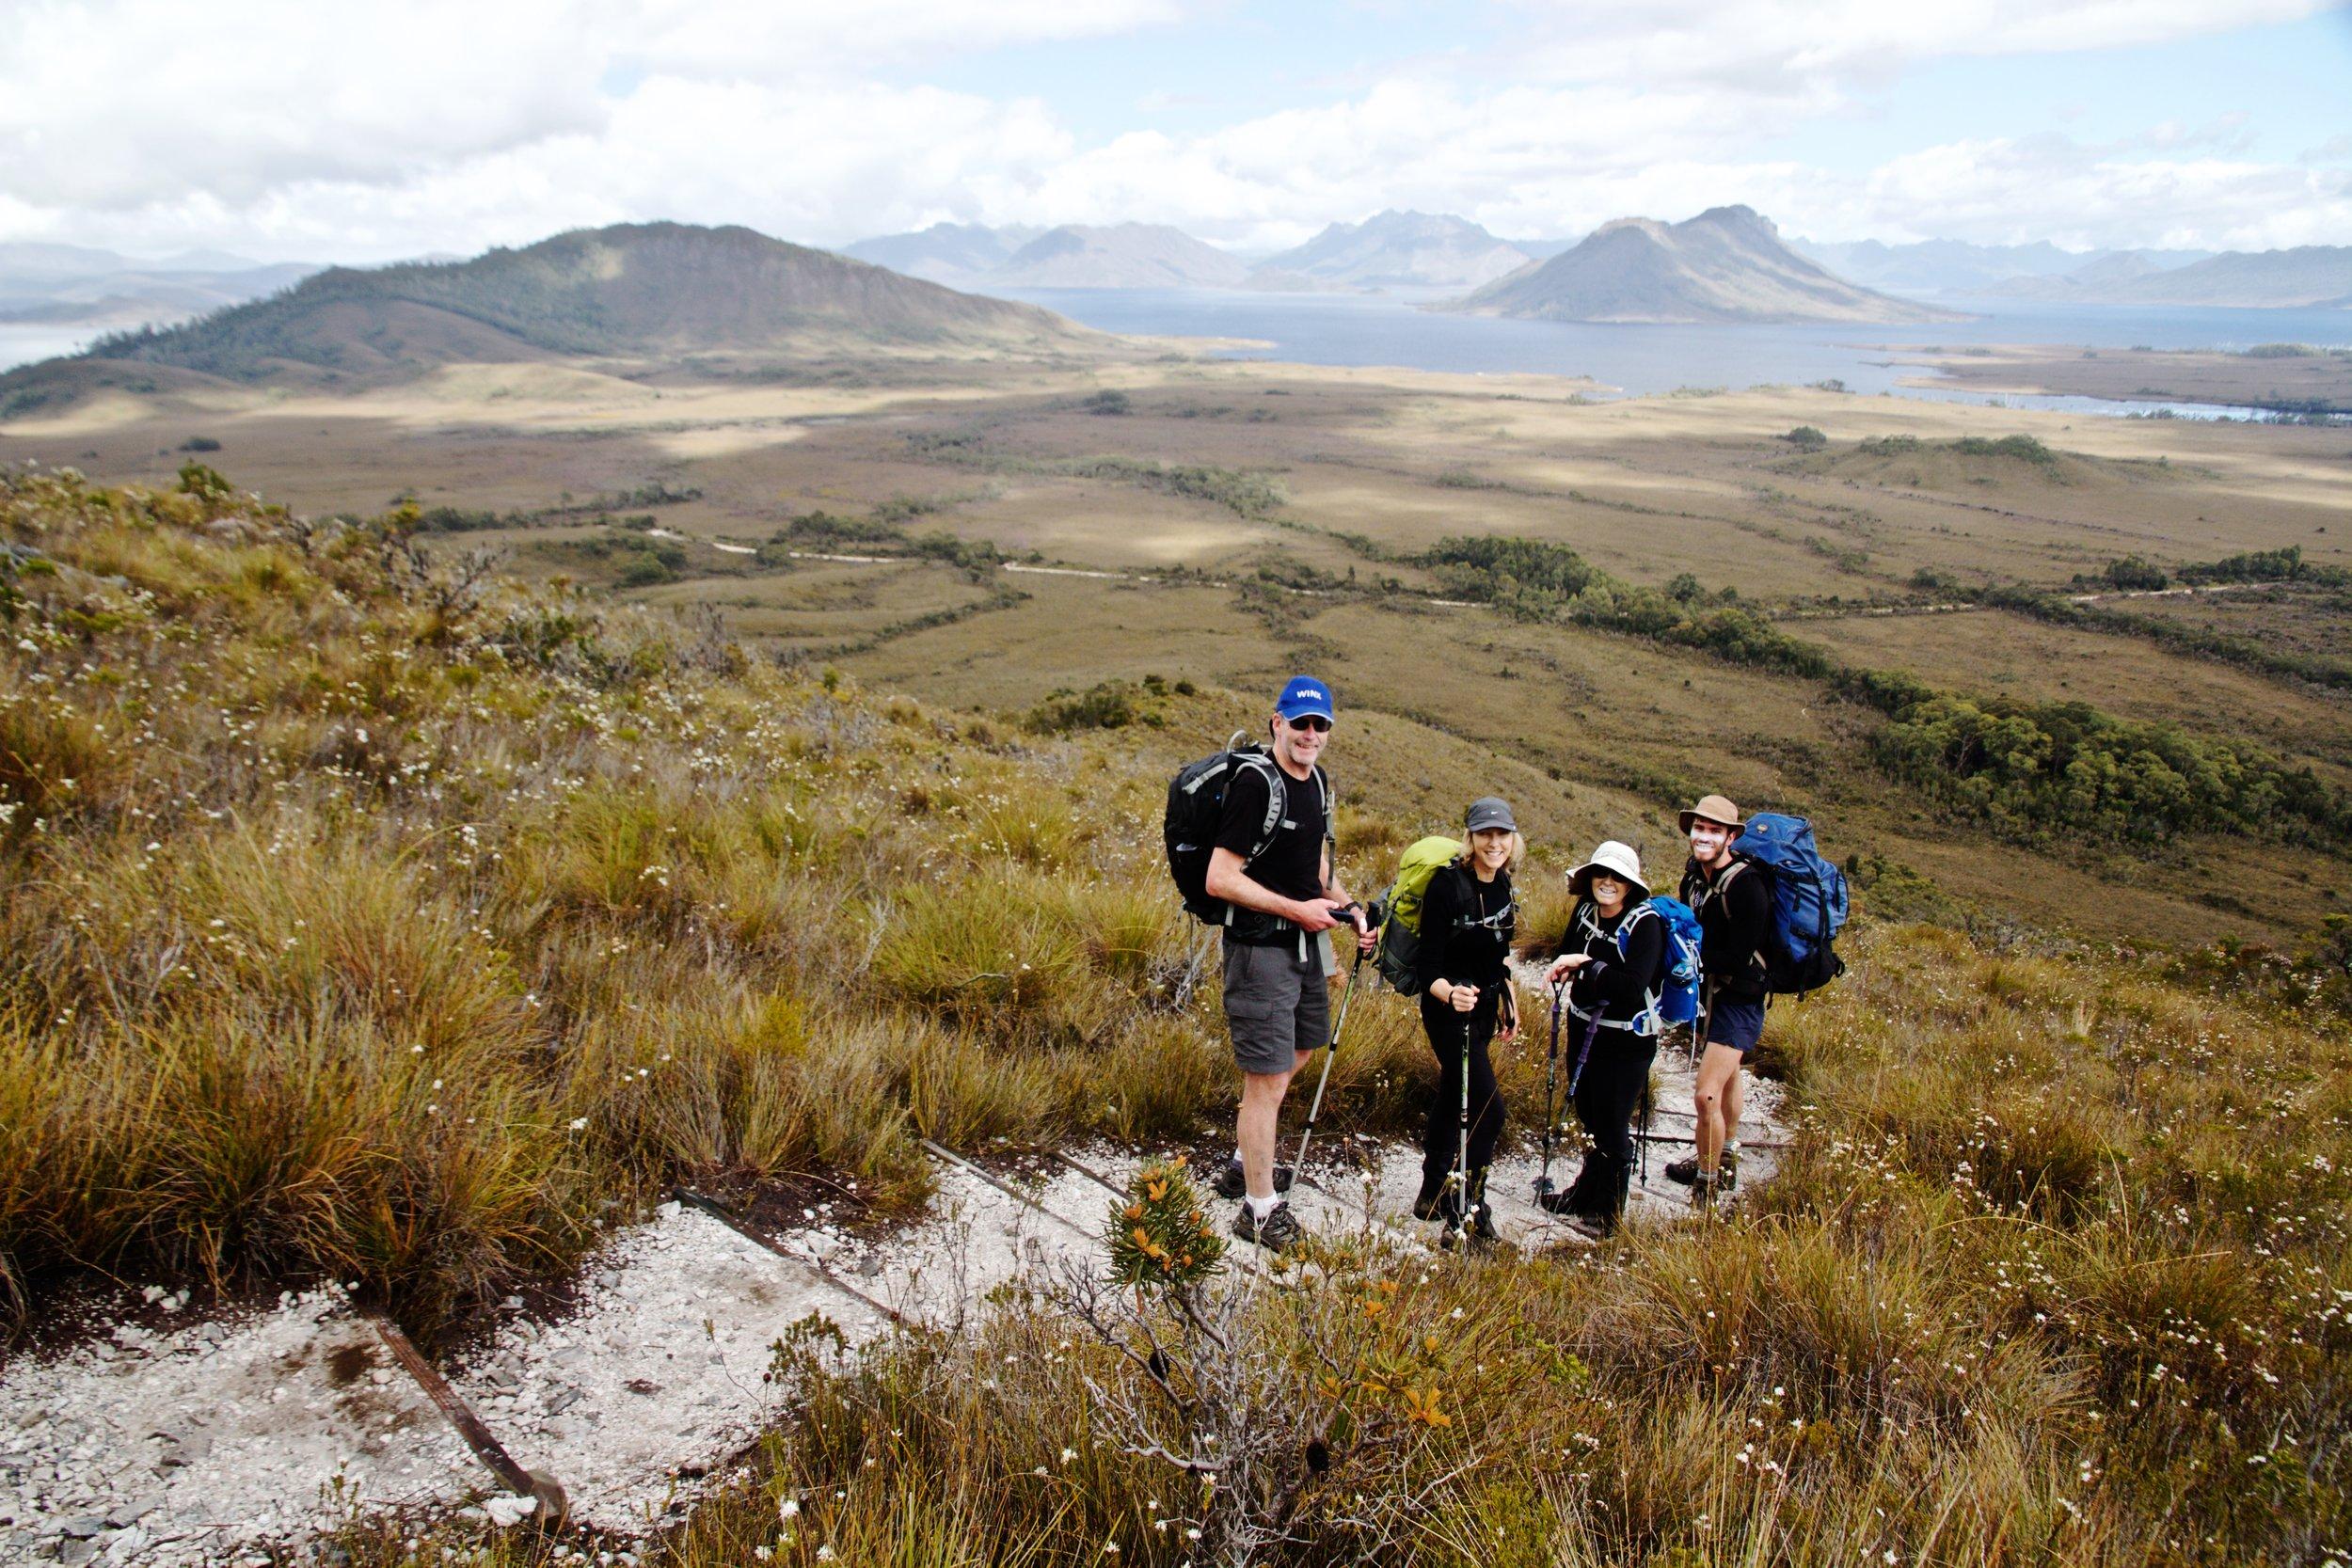 A Steady Hike Upwards